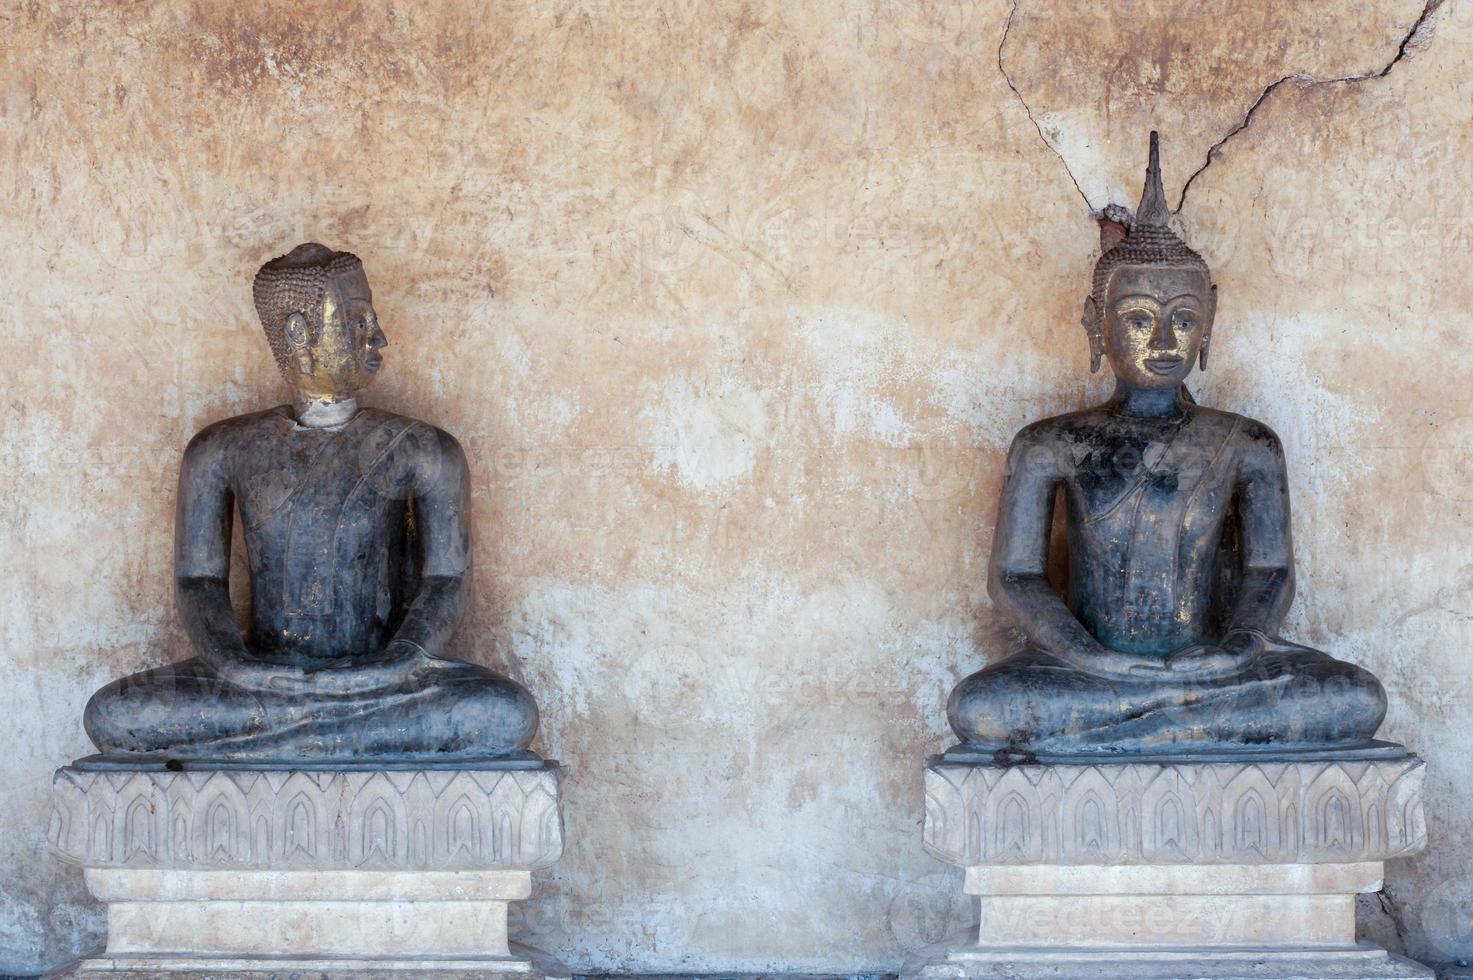 antica statua di buddha foto